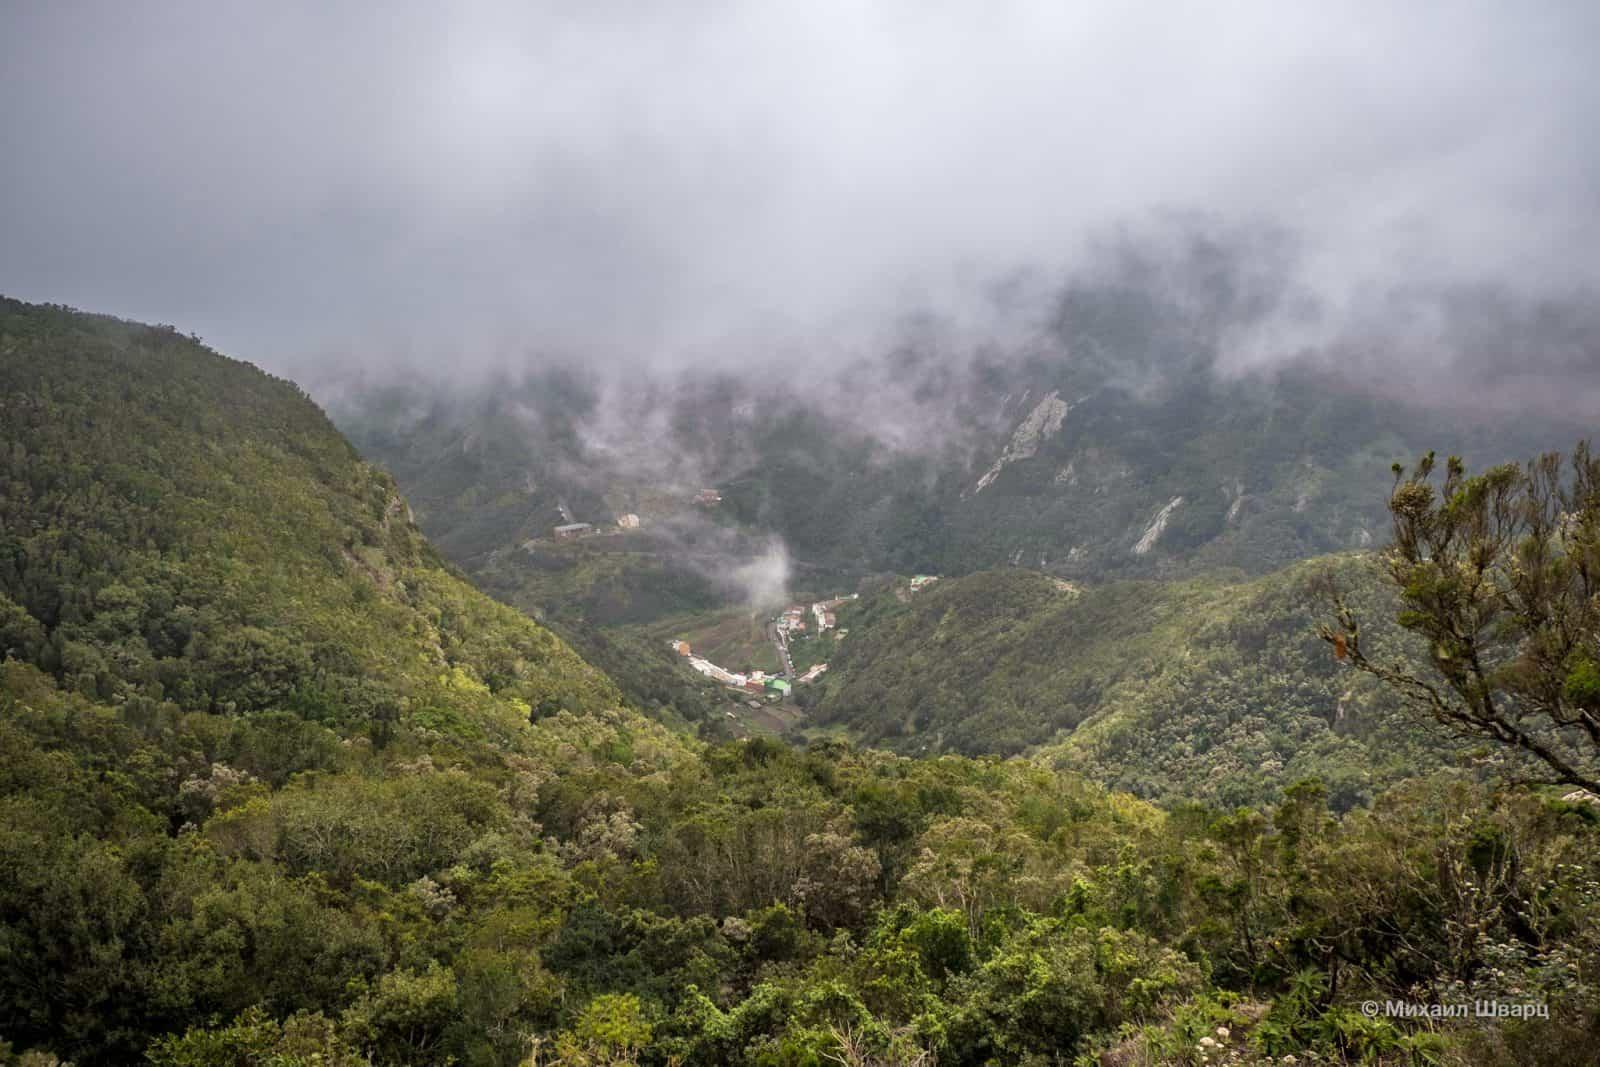 С другой стороны видно деревню Chamorga